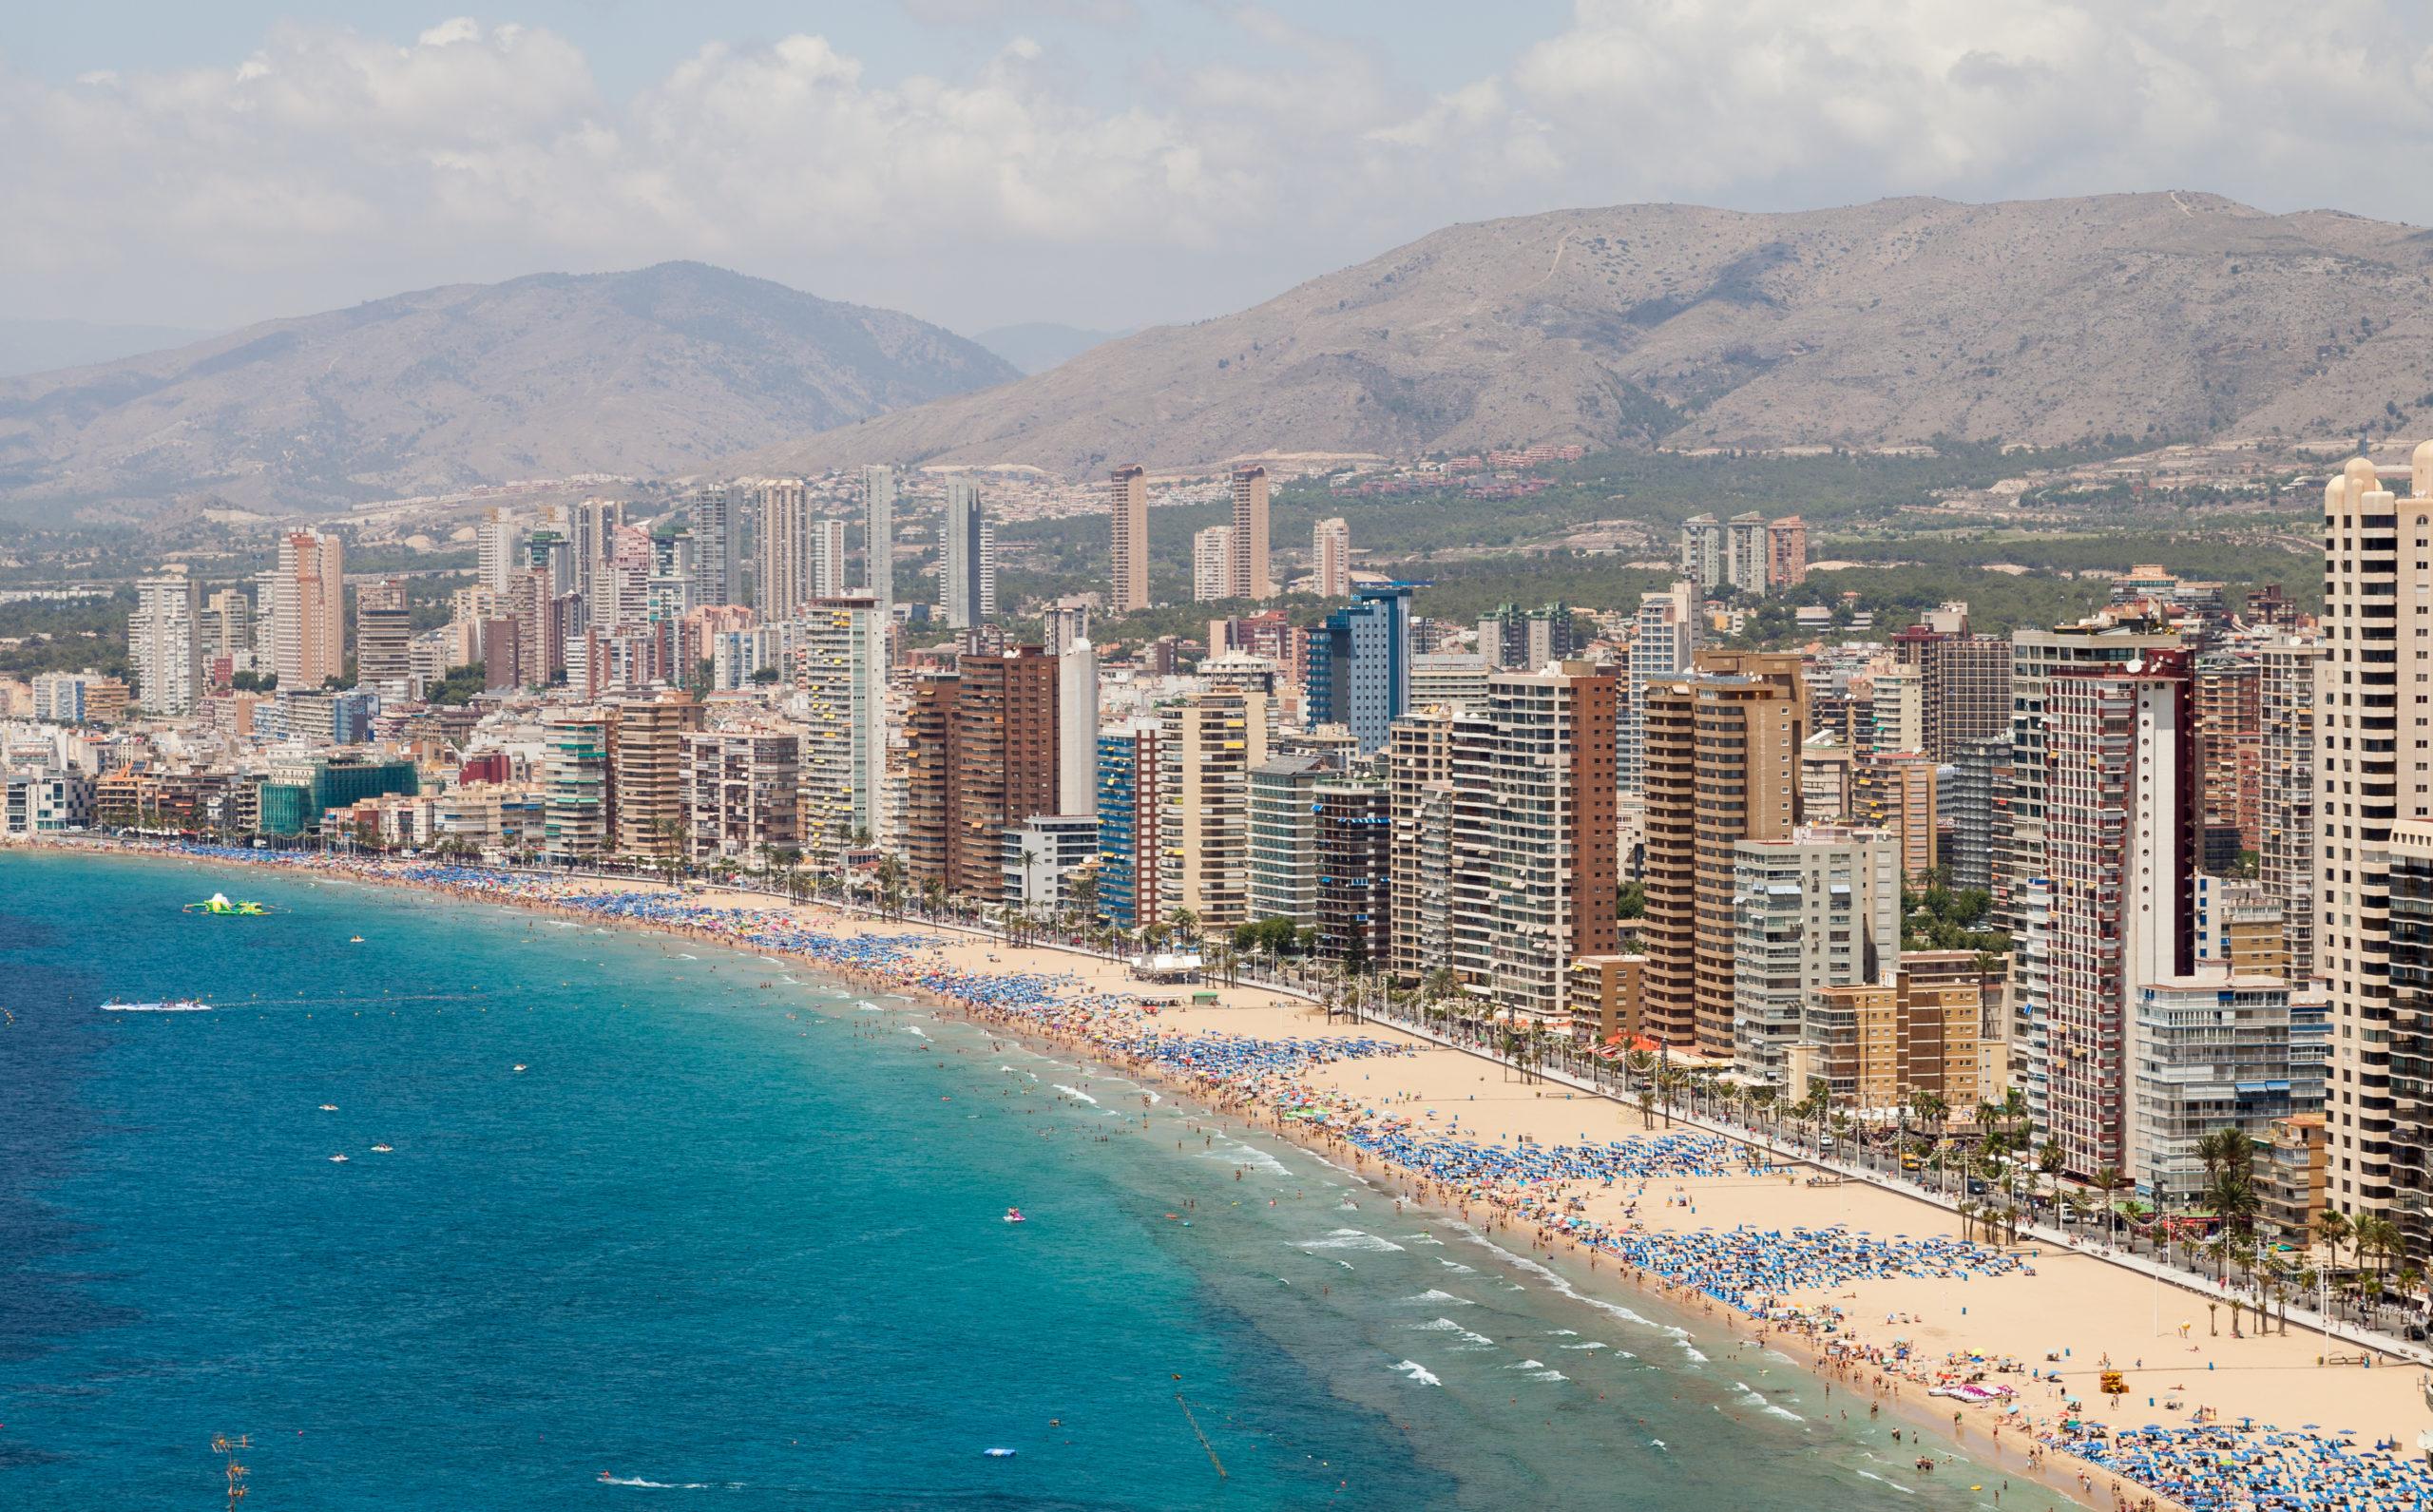 La Comunitat Valenciana registra en septiembre una ocupación media hotelera en el litoral del 70%